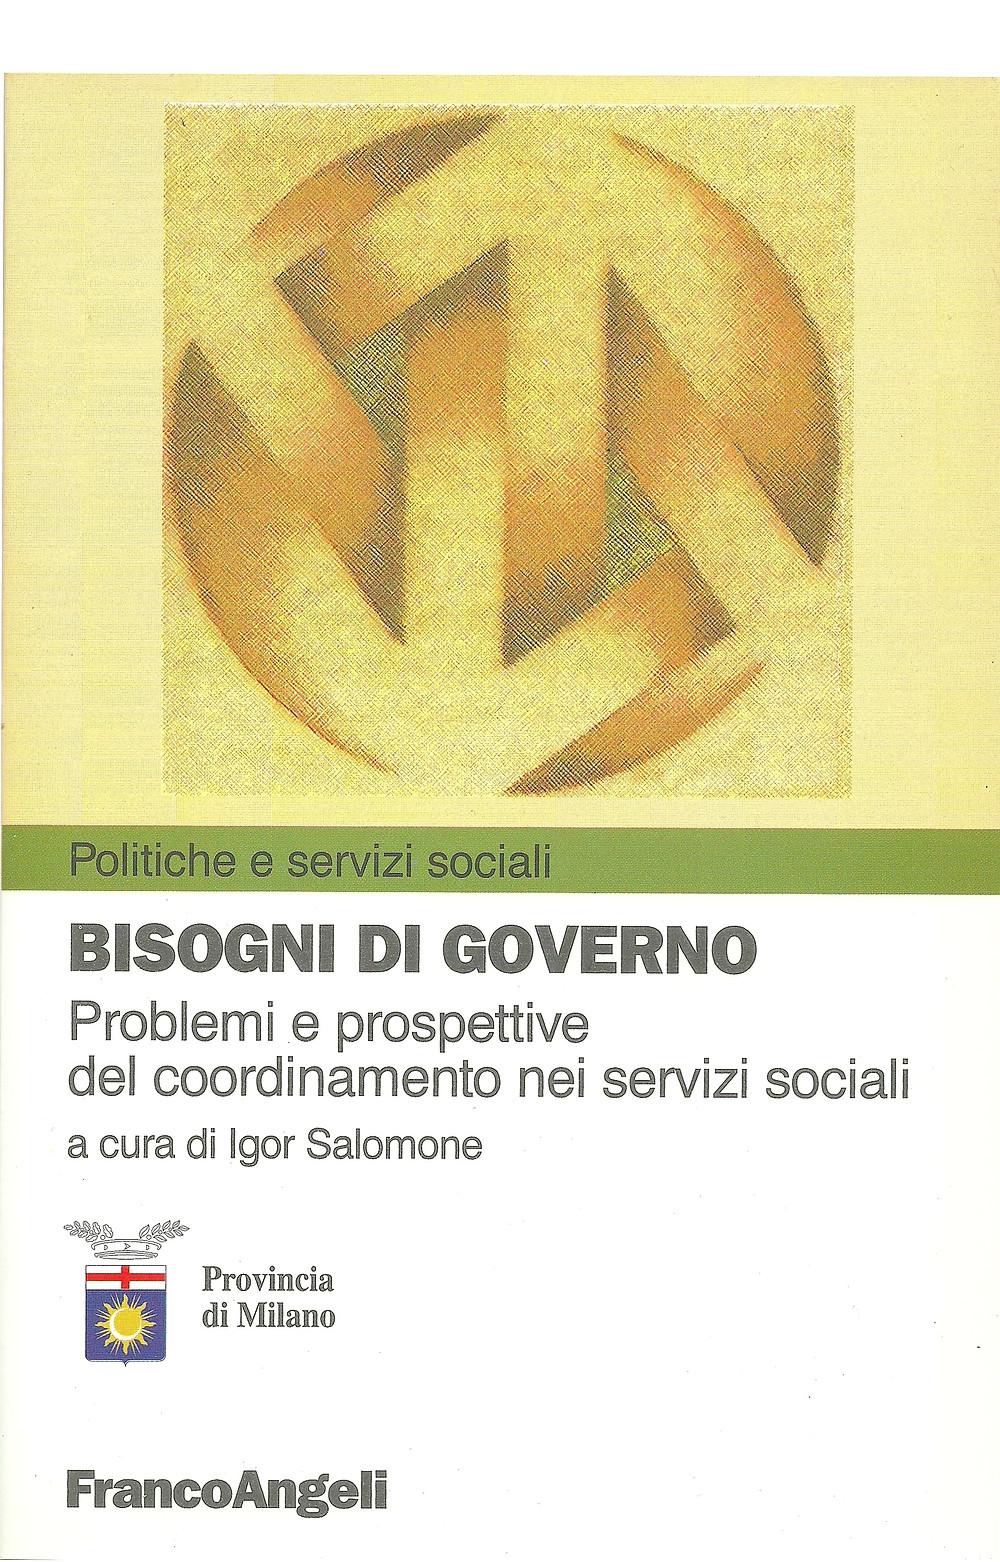 bisogni-di-governo-11.jpg